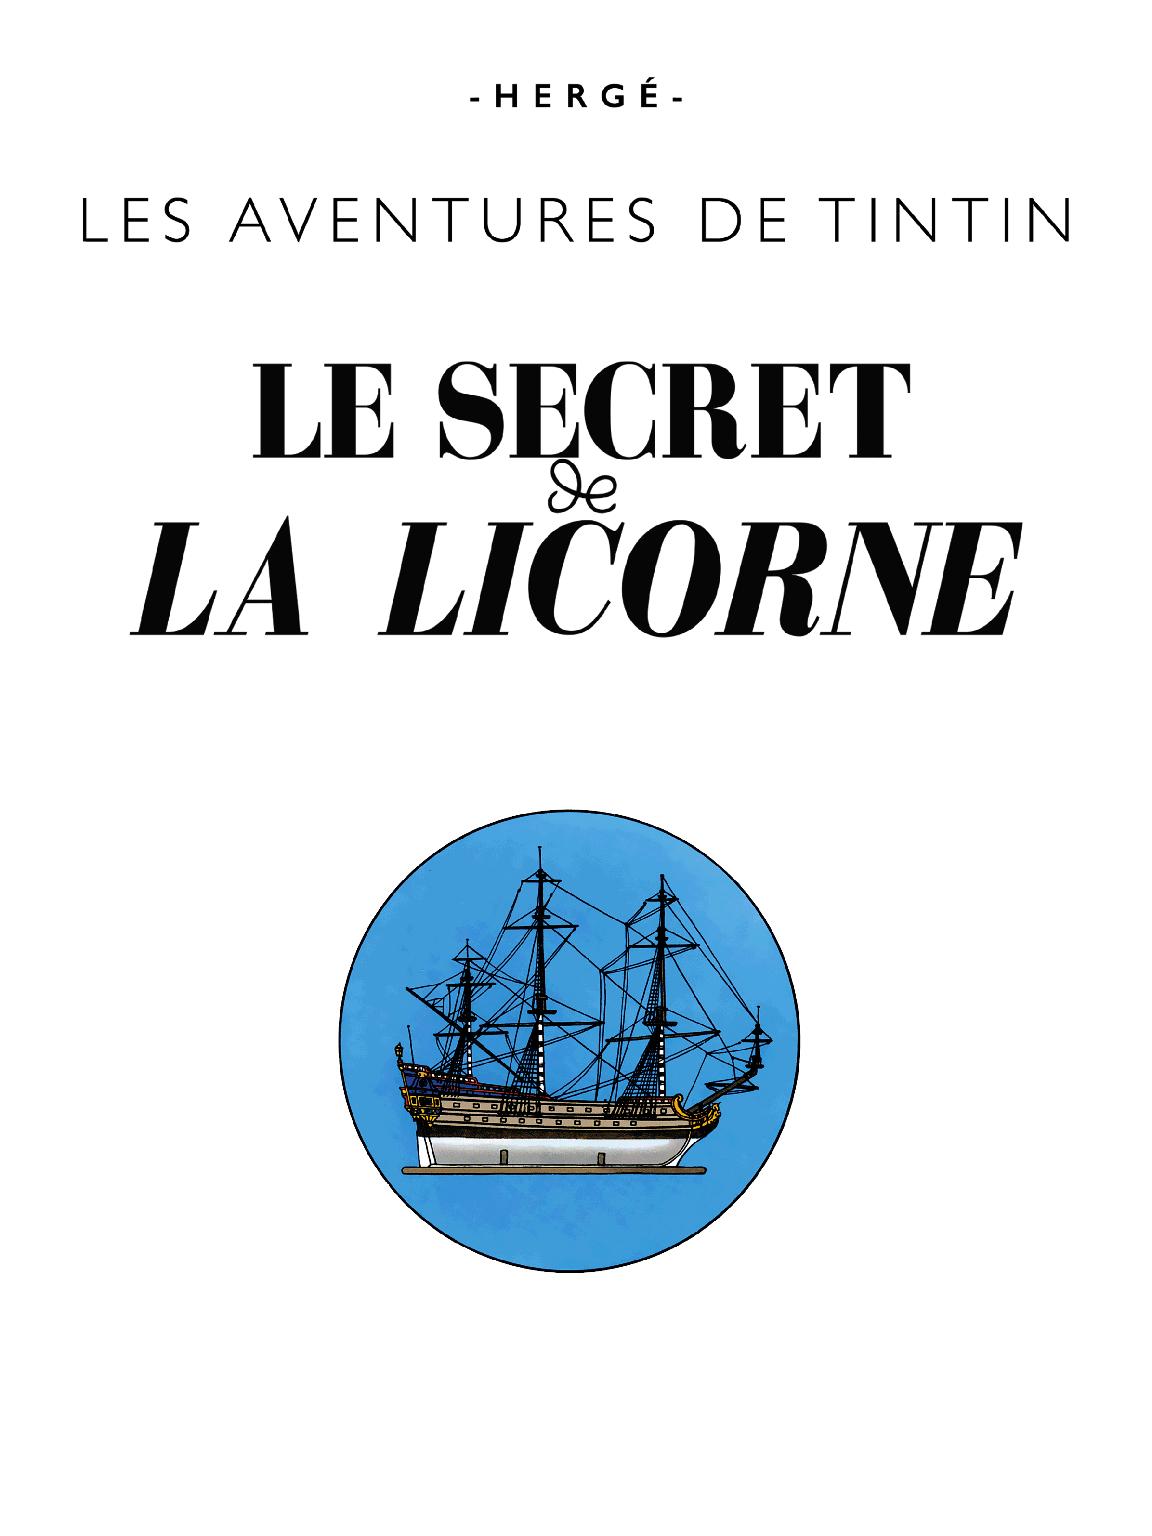 Le Secret de La Licorne - page titre